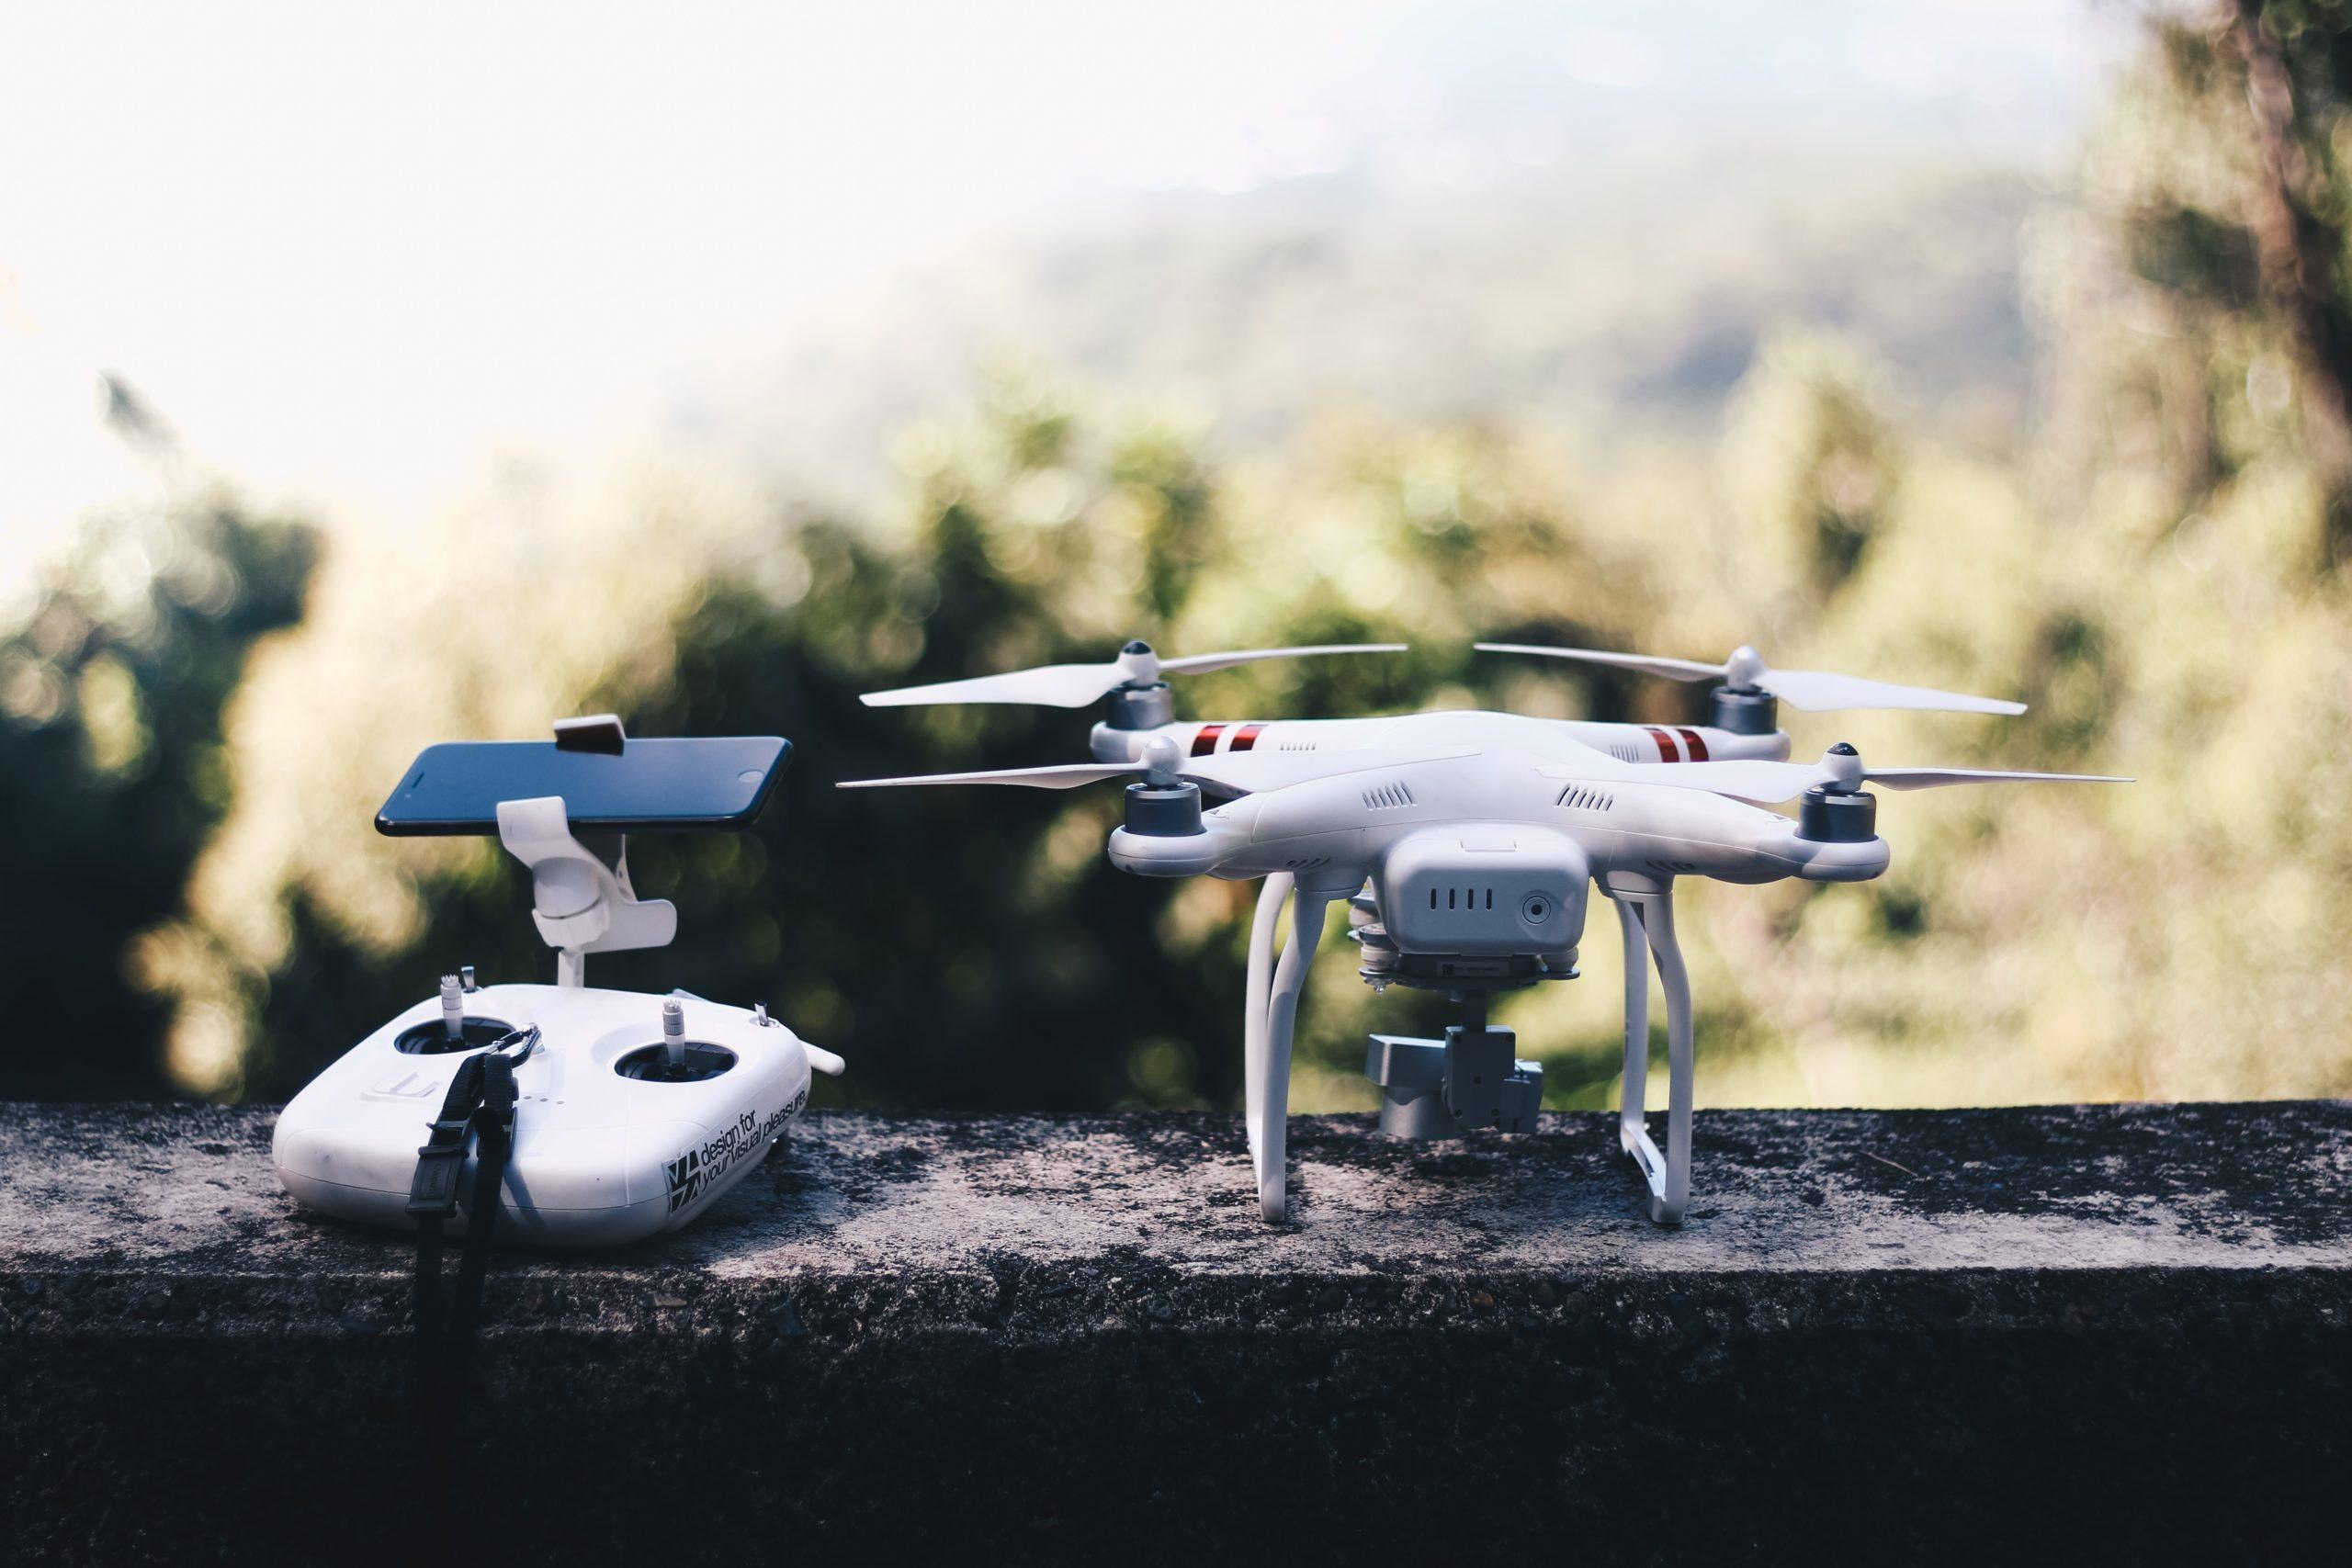 Projeto inovador dá vida a agricultores ciborgues e drones humanizados